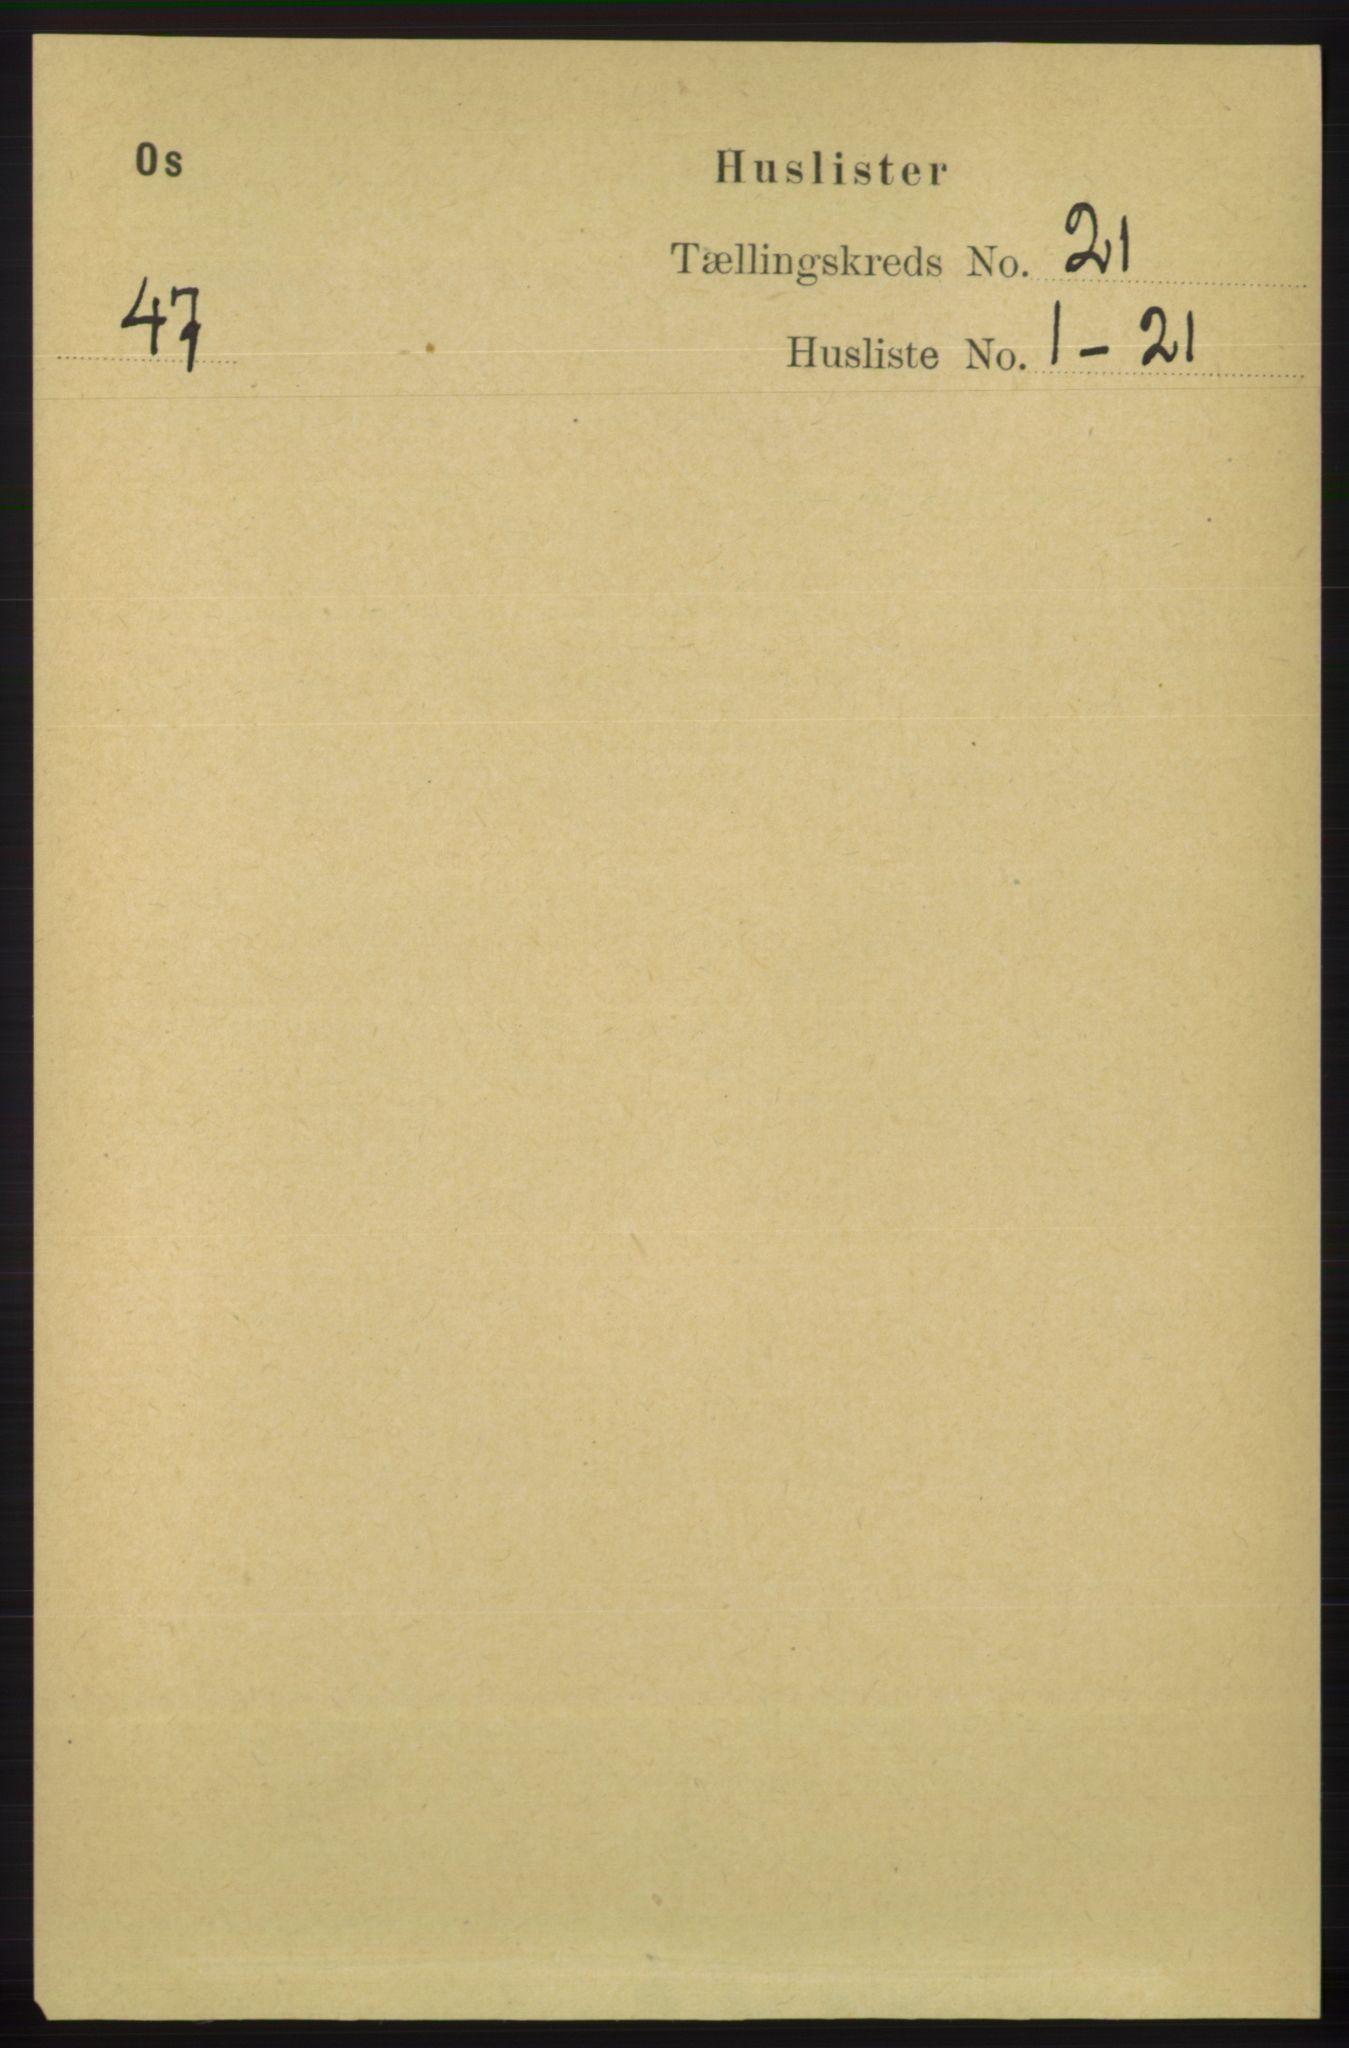 RA, Folketelling 1891 for 1243 Os herred, 1891, s. 4817